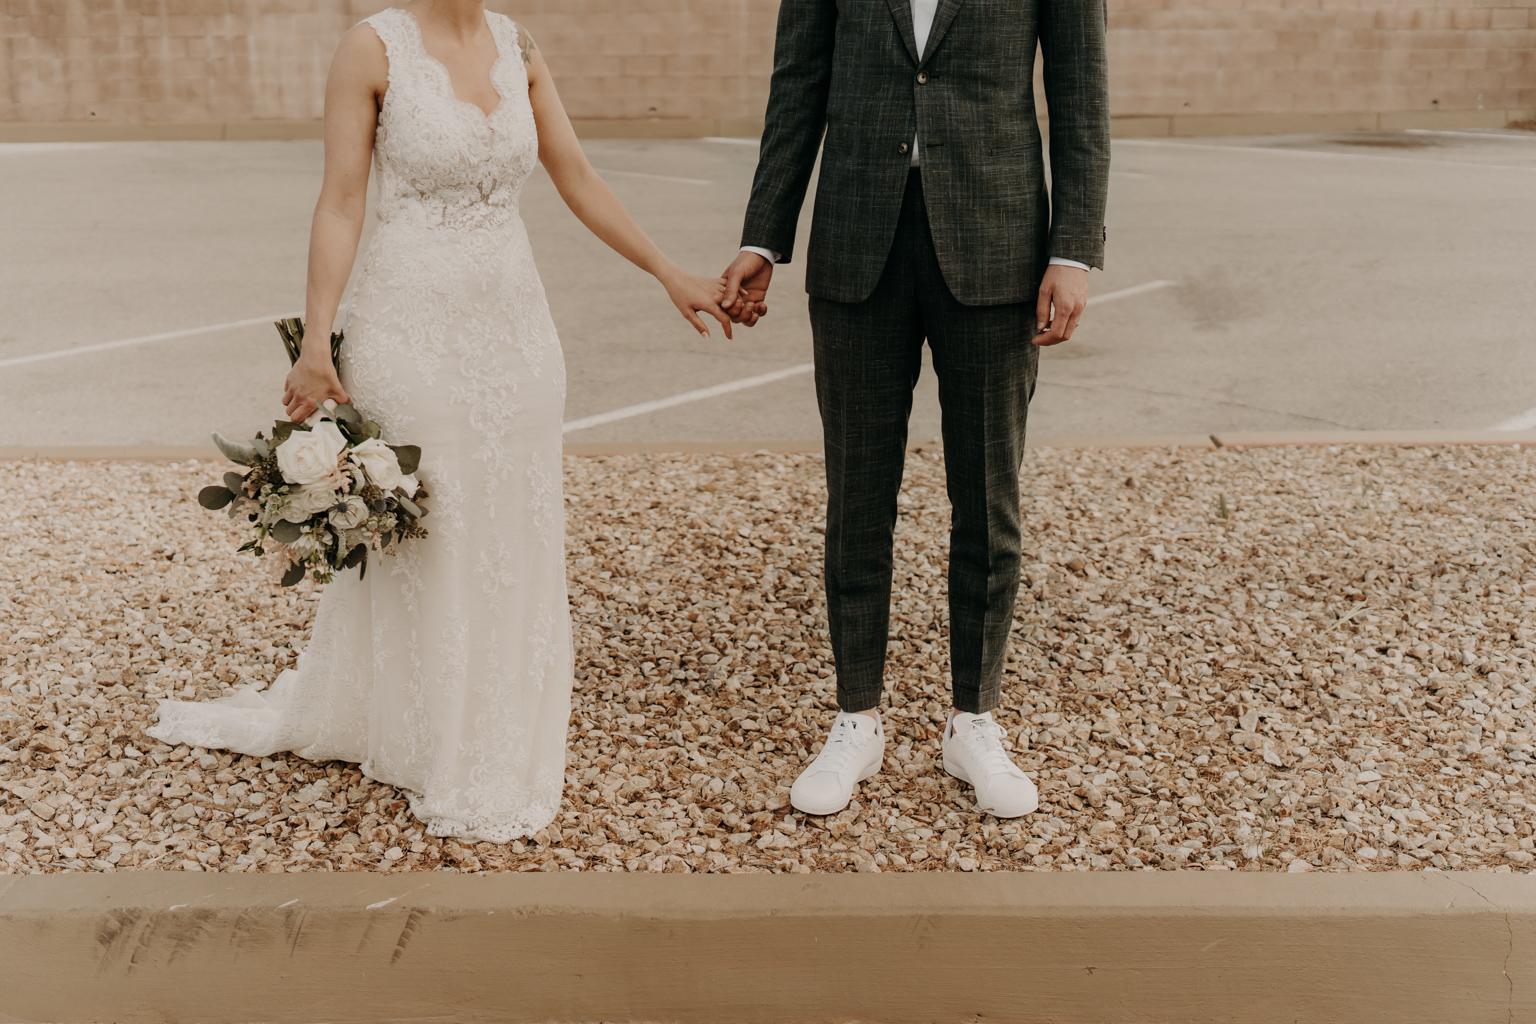 trouweninhetbuitenland_huwelijksfotografie_roxannedankers-37.jpg